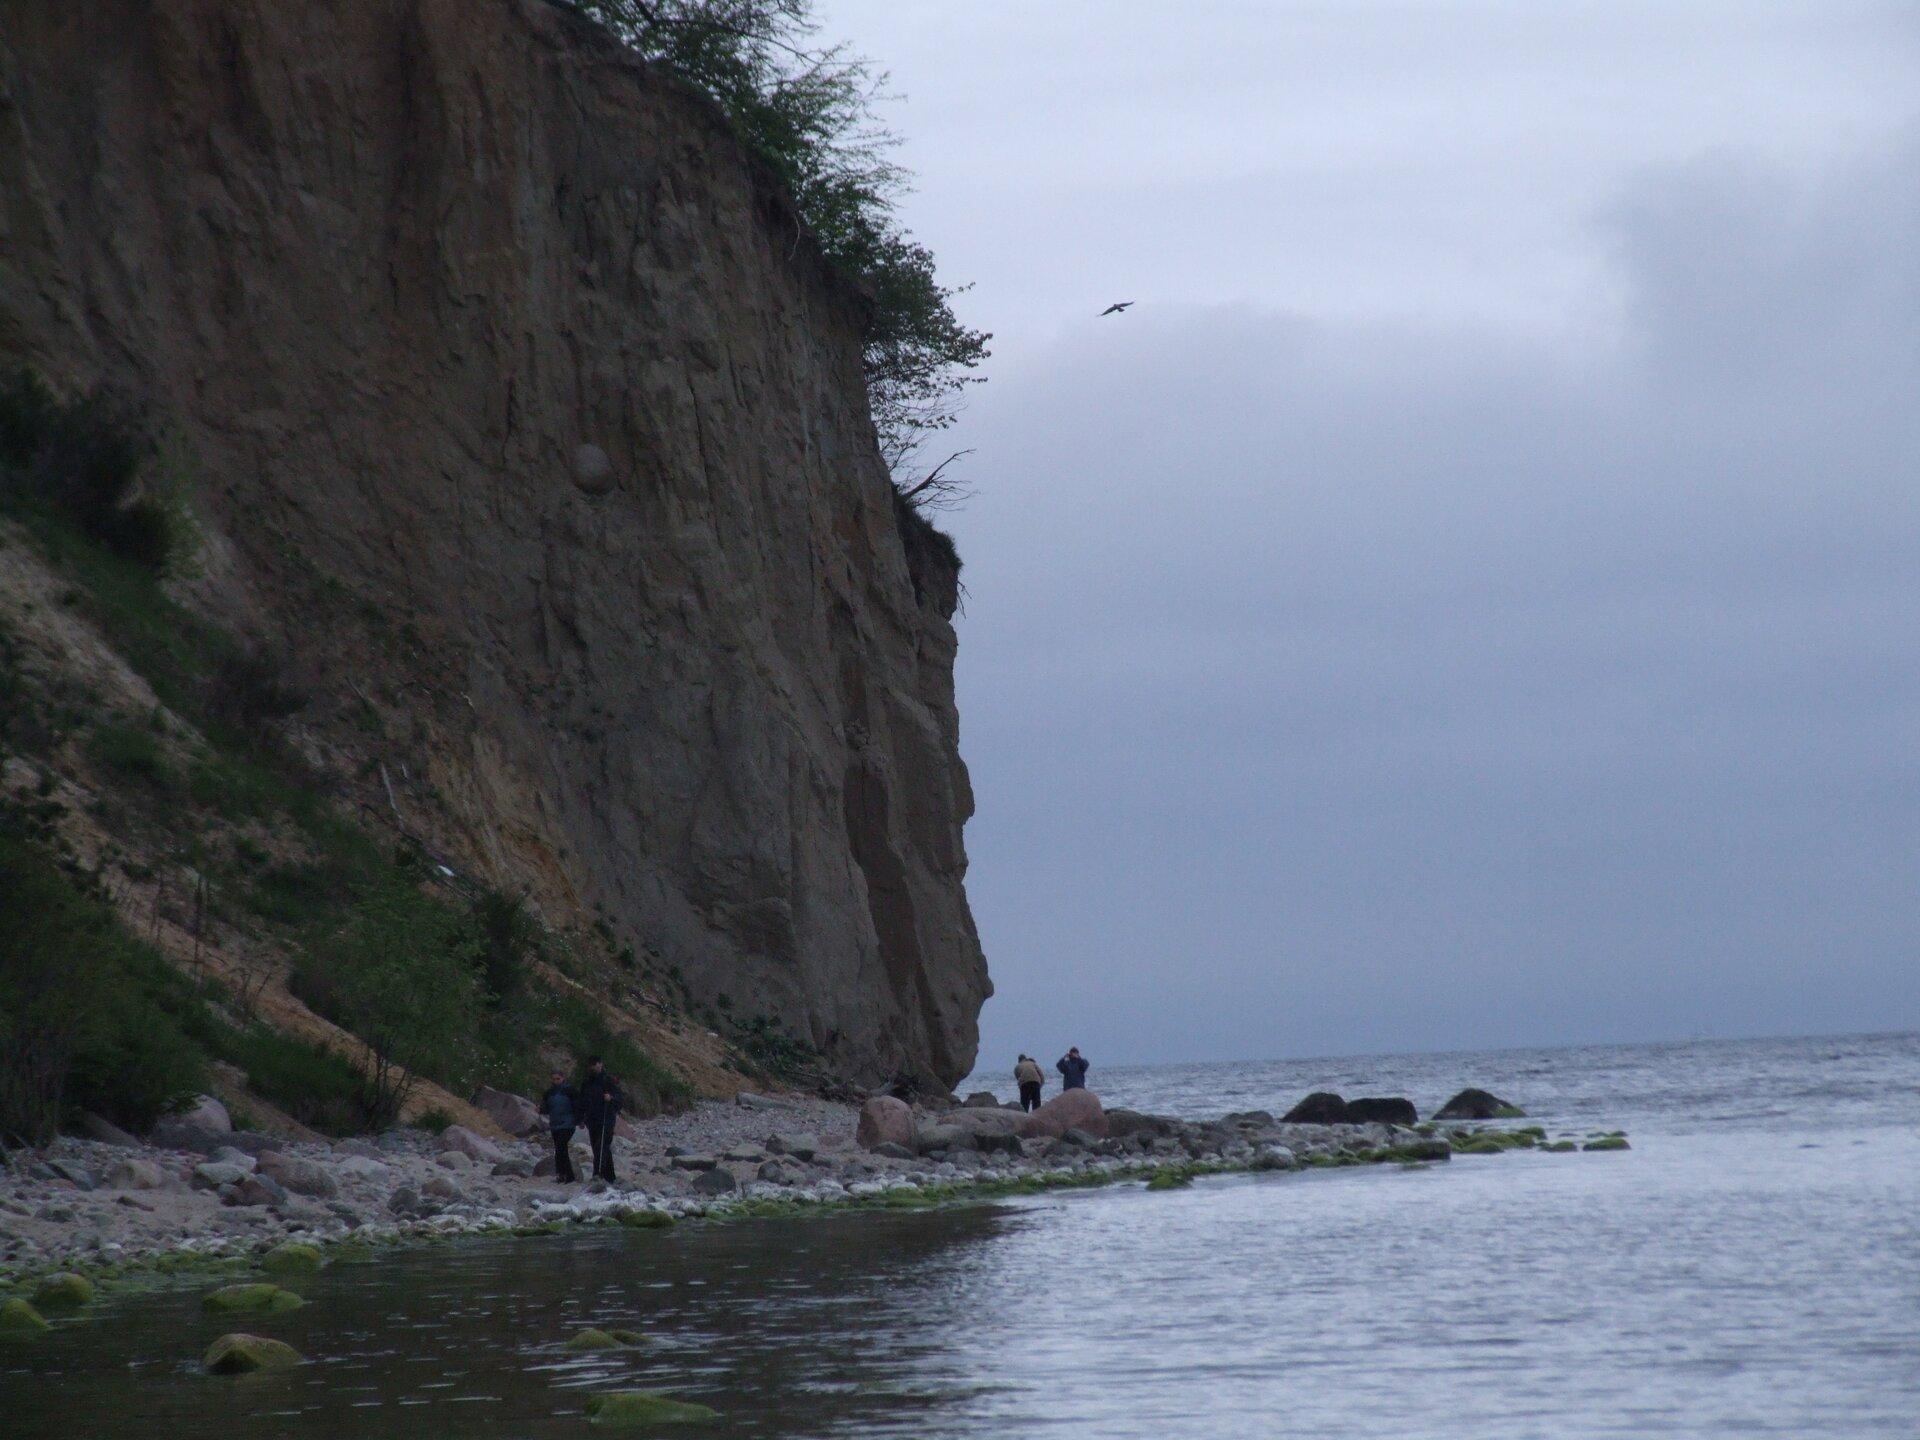 Na zdjęciu wysoki stromy klif, wdole wąska kamienista plaża, spacerowicze.